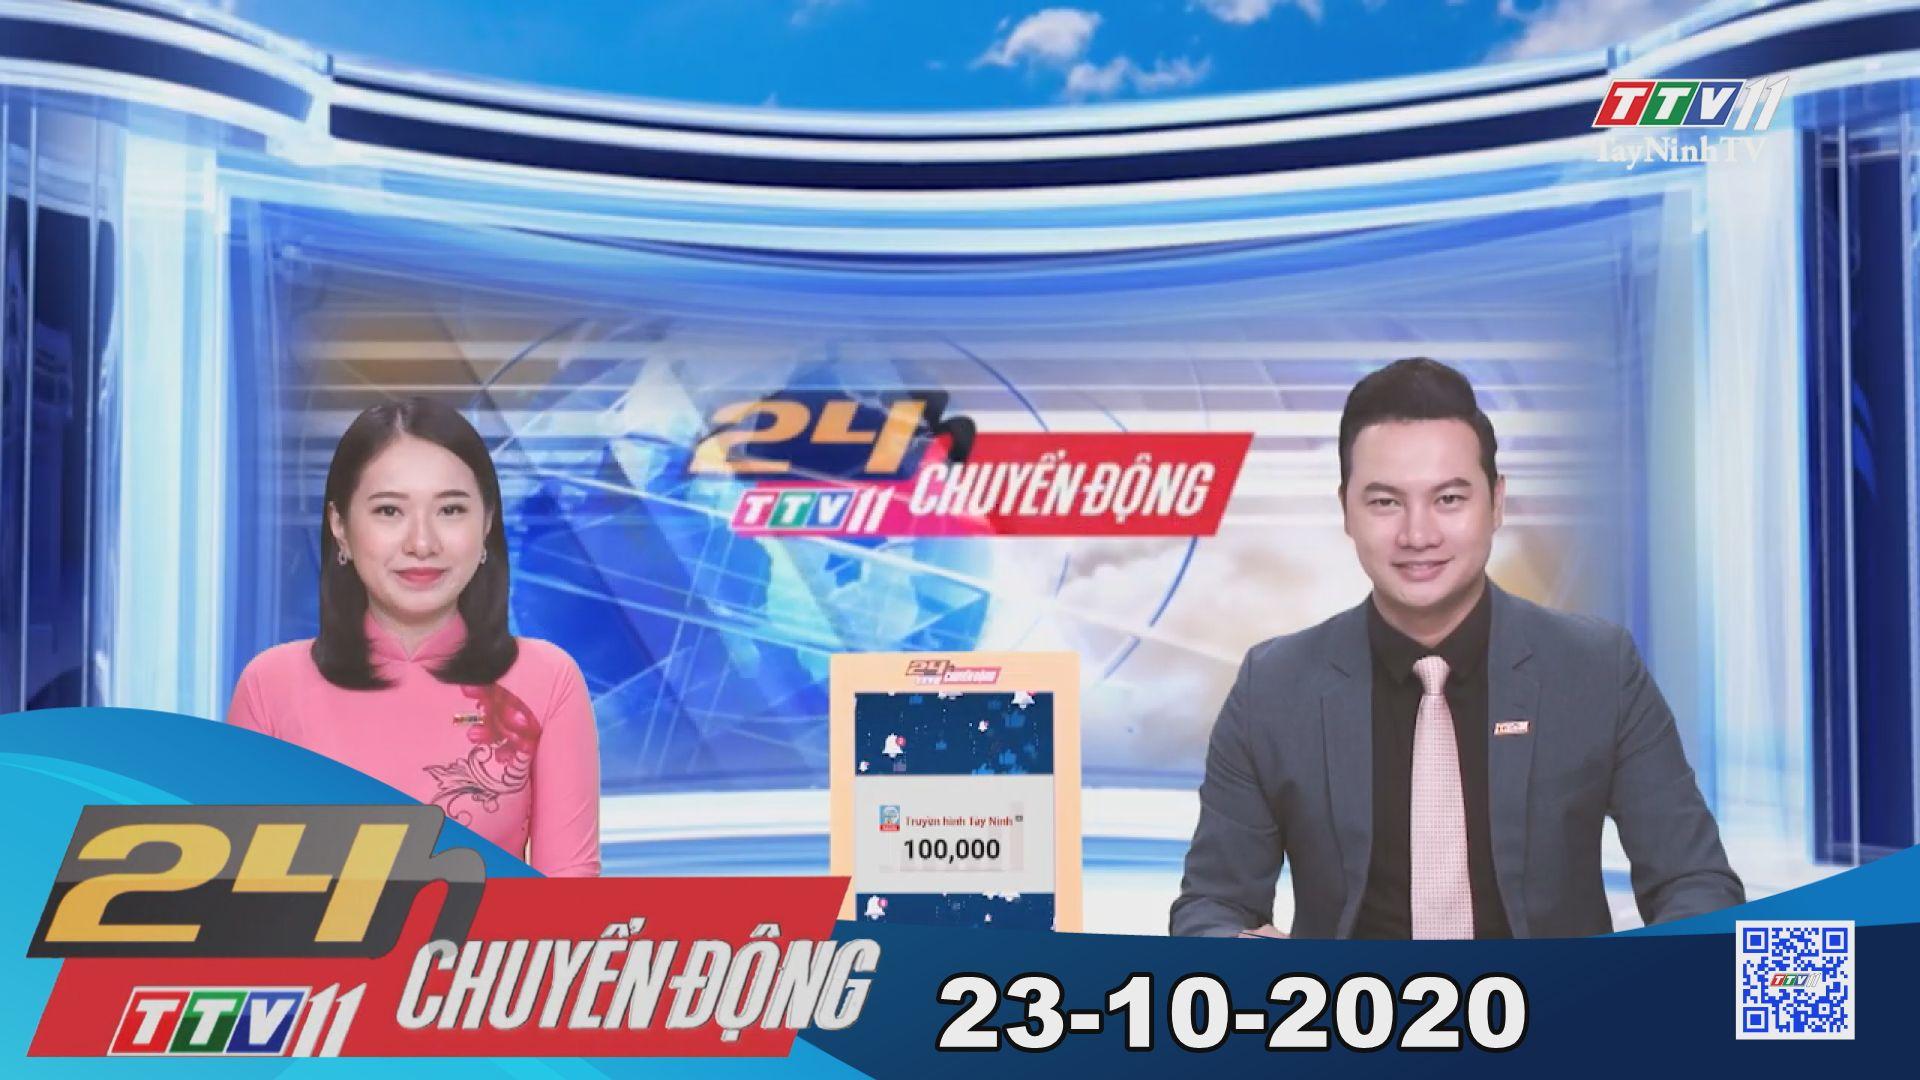 24h Chuyển động 23-10-2020 | Tin tức hôm nay | TayNinhTV